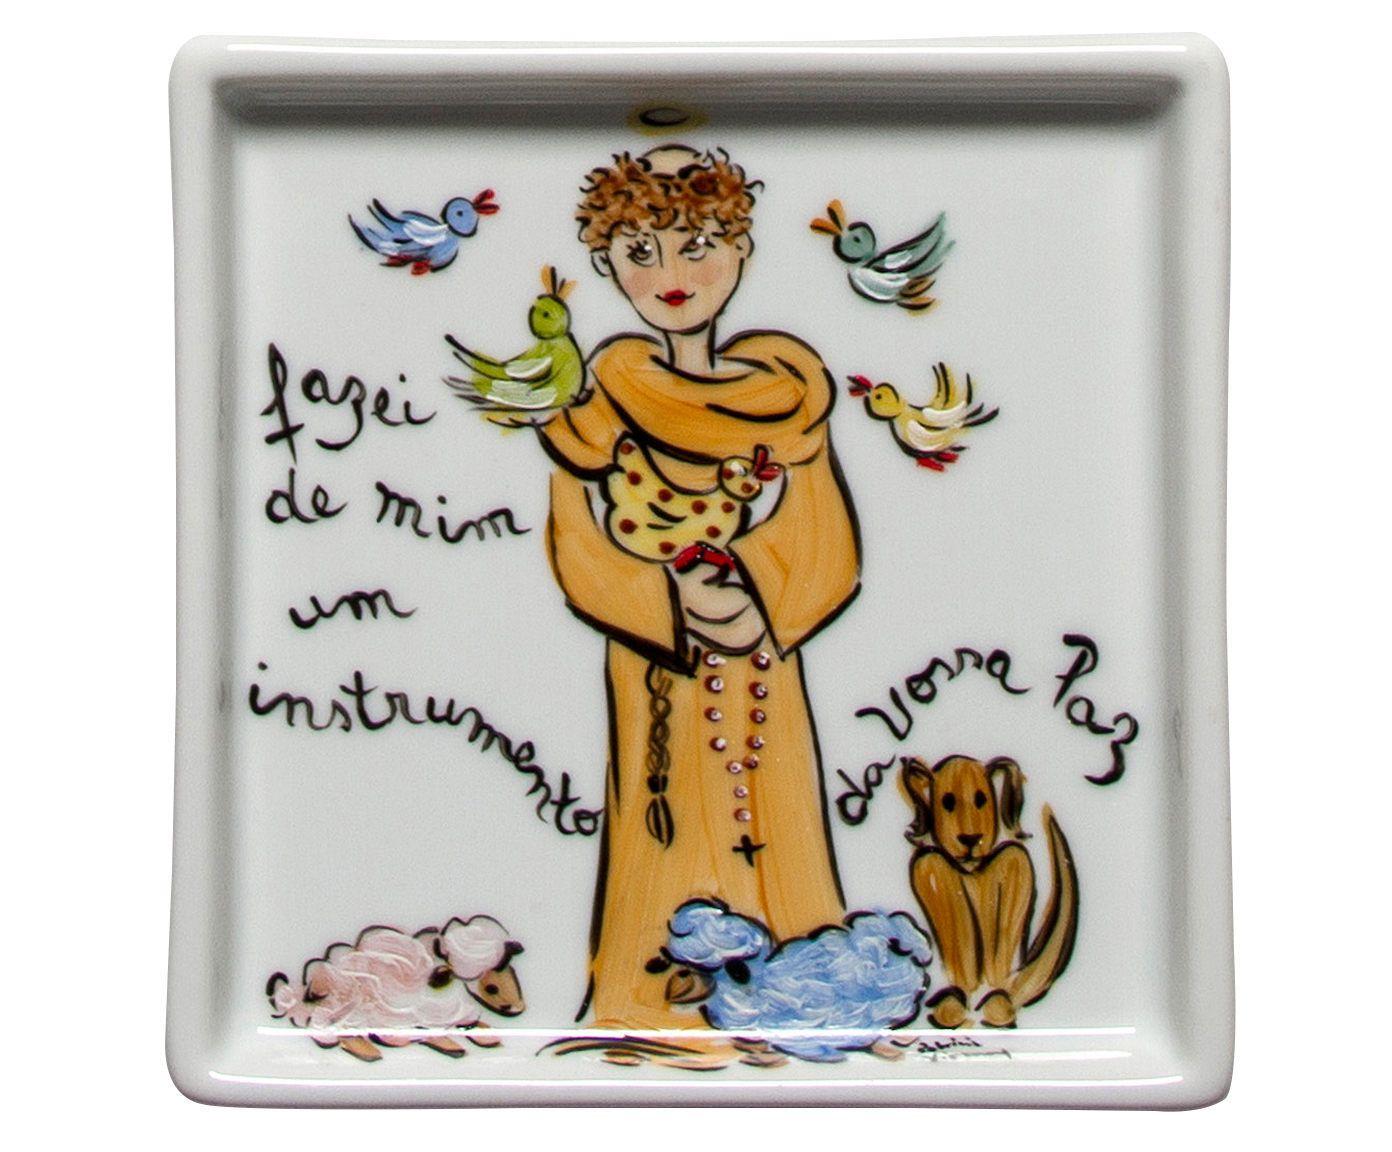 Prato são francisco santeiro patricia virmond | Westwing.com.br